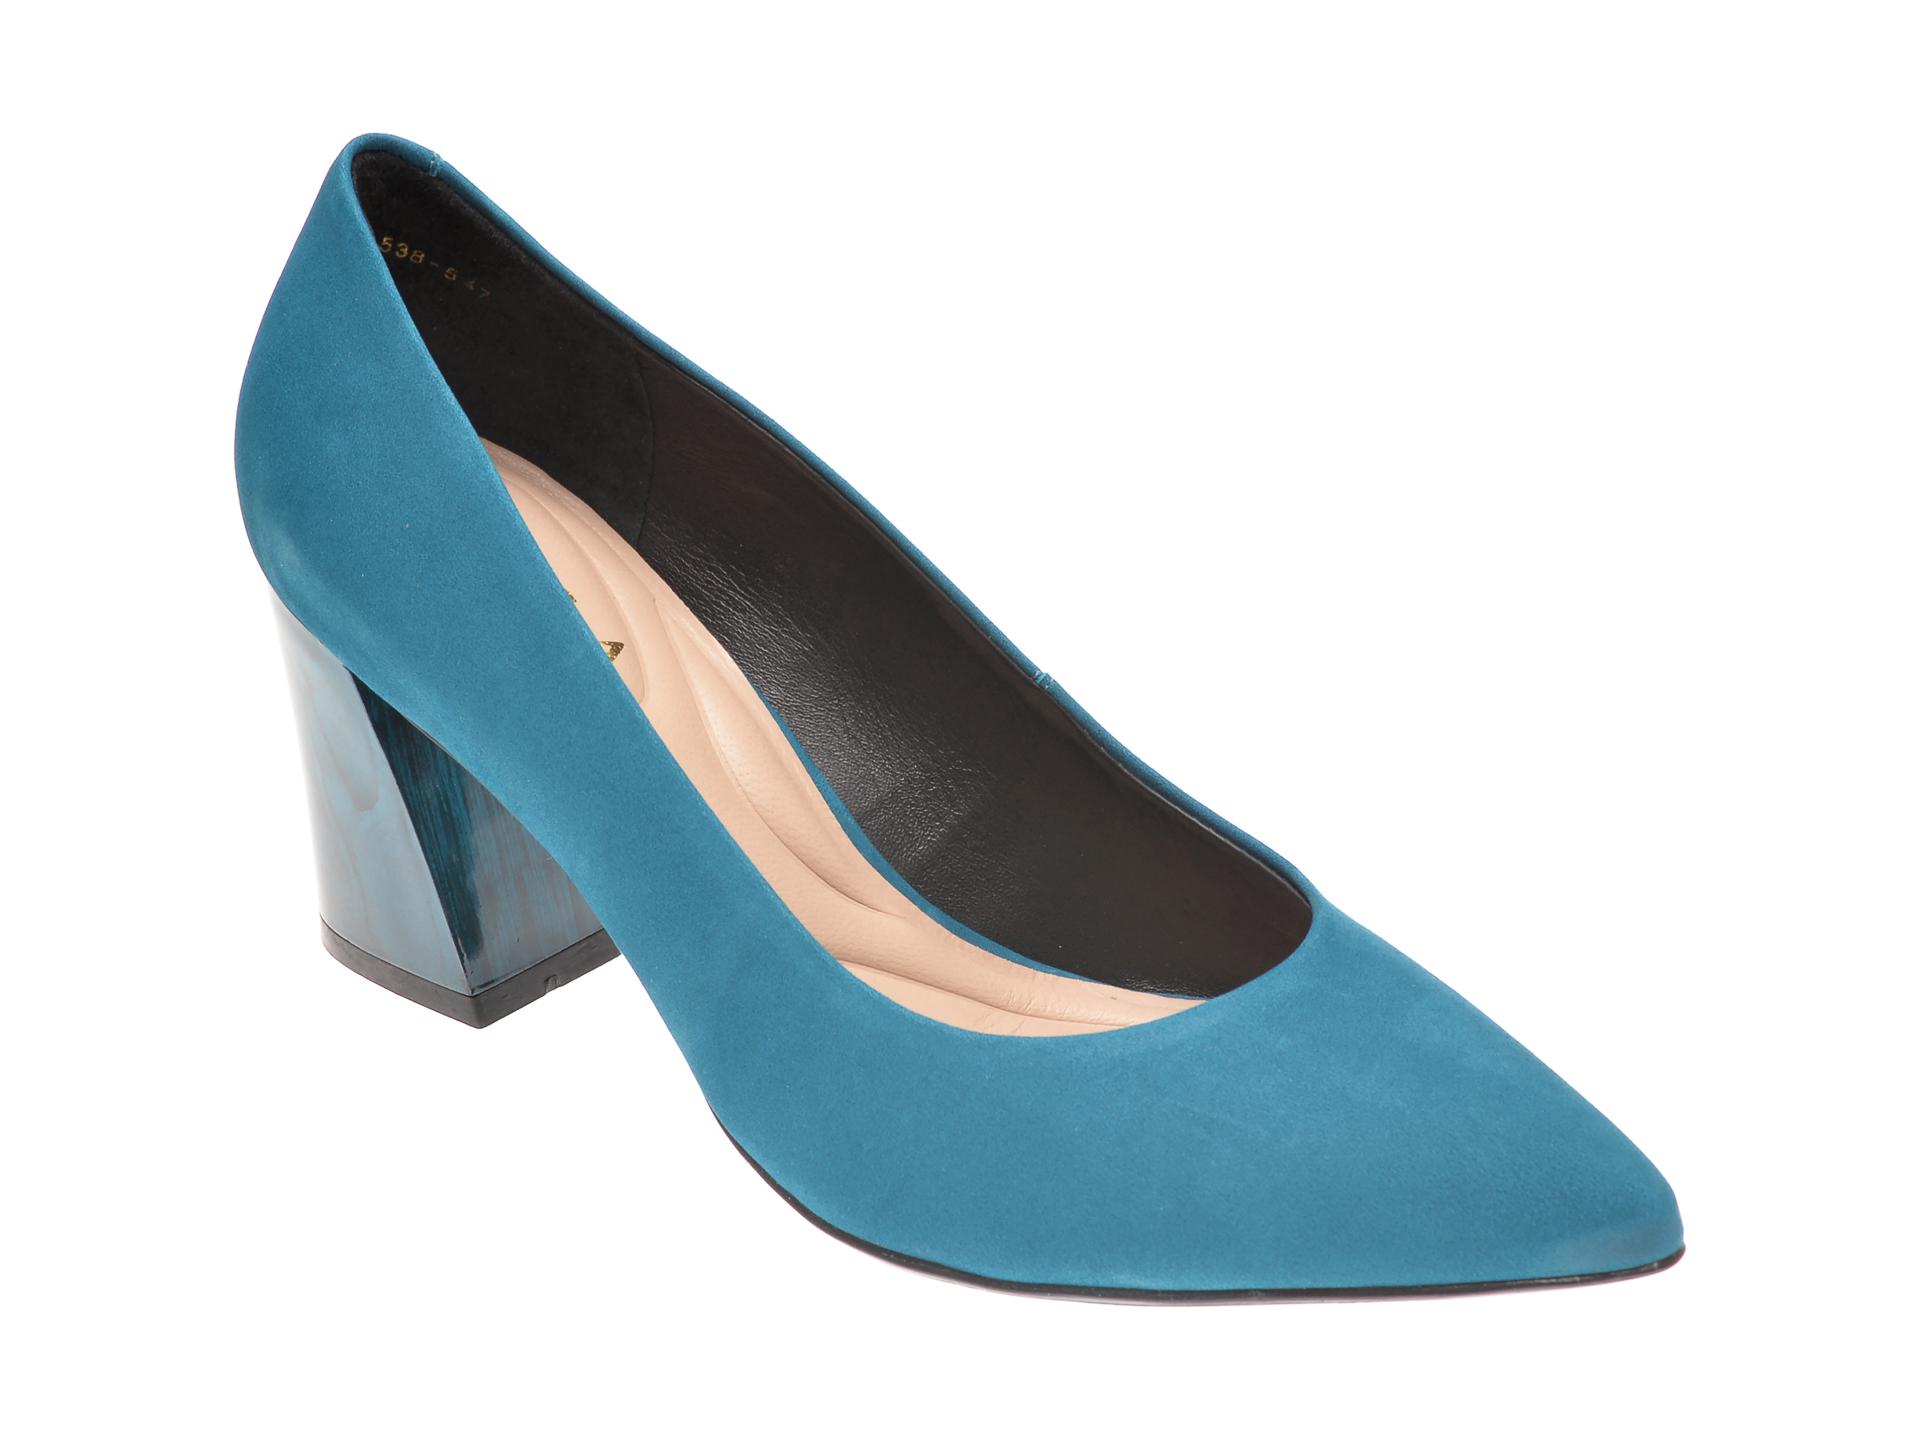 Pantofi EPICA albastri, 9288538, din nabuc imagine otter.ro 2021